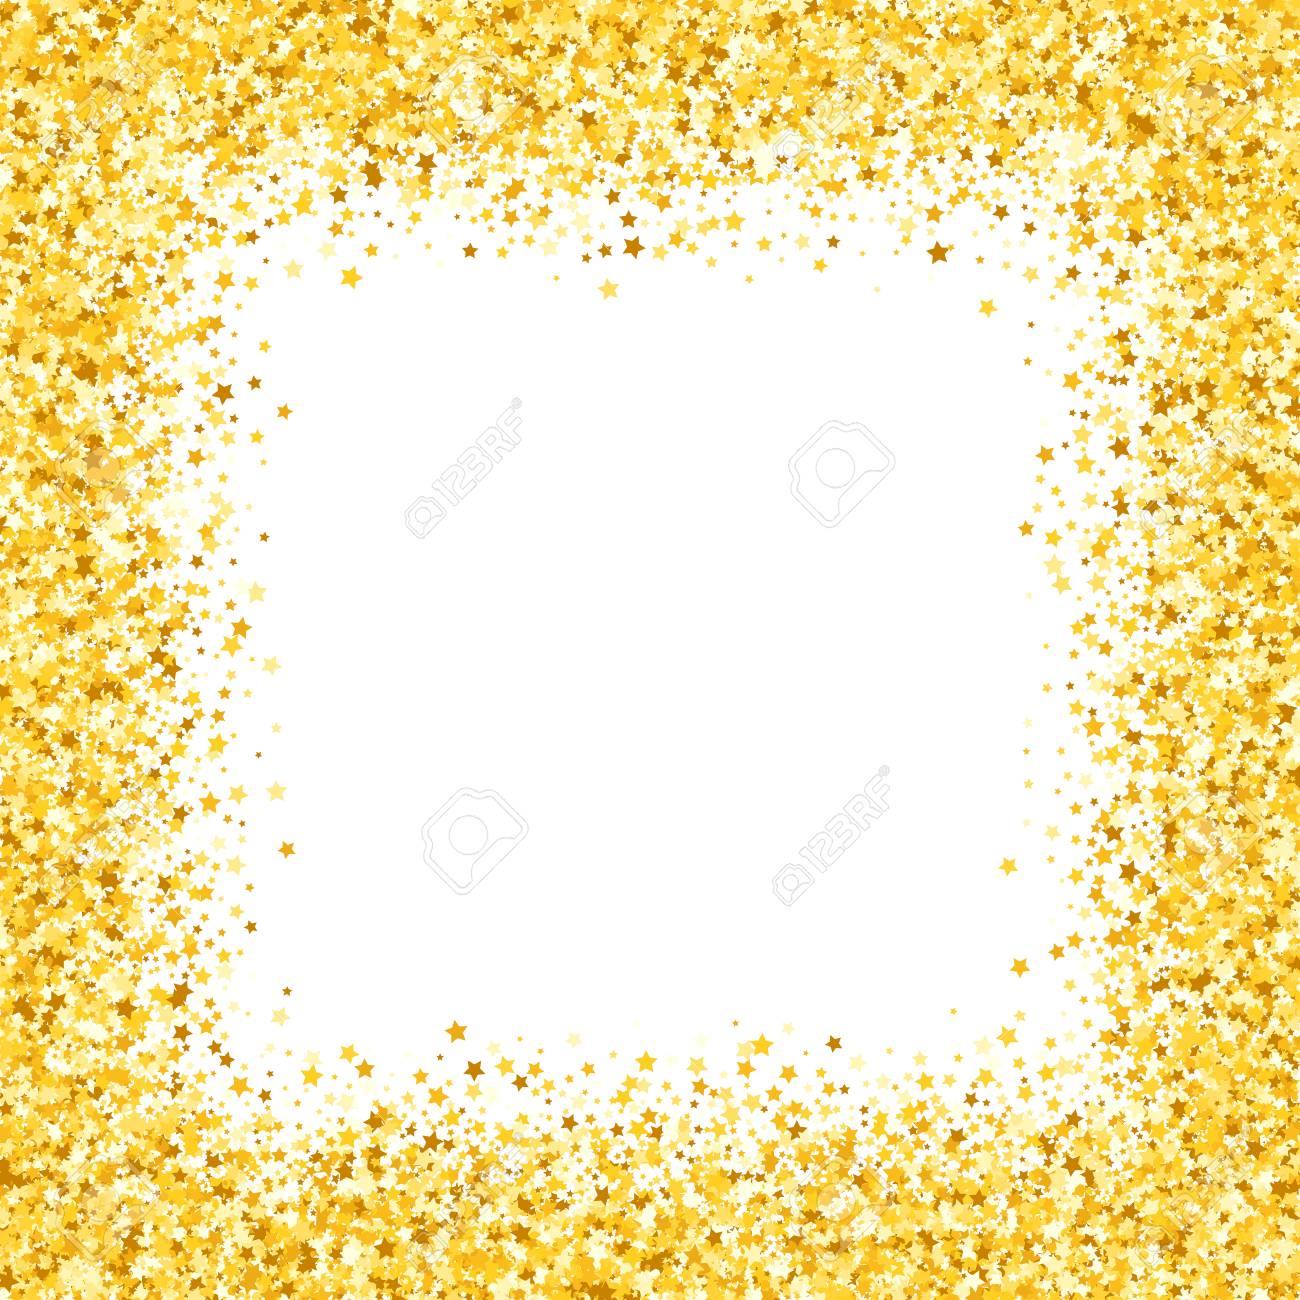 Karte Mit Schimmer Grußkarte Mit Sternen. Gold Funkeln. Schimmern ...